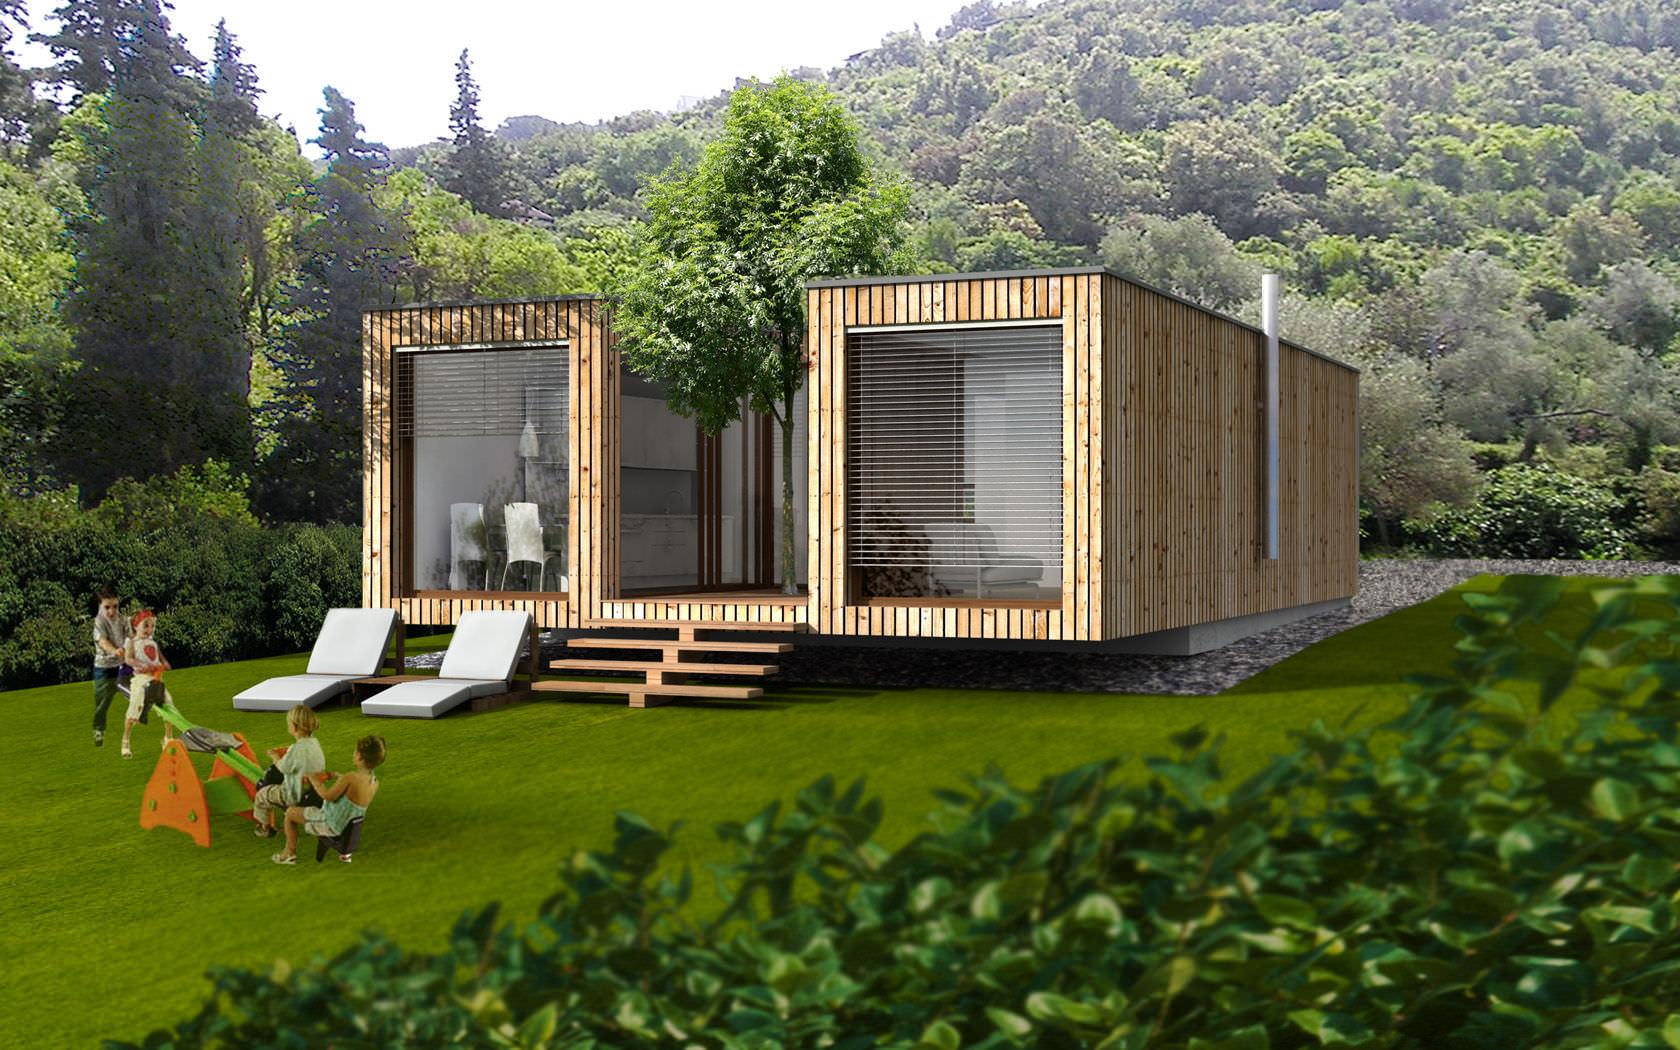 petite maison pr fabriqu e en bois maison parallele. Black Bedroom Furniture Sets. Home Design Ideas